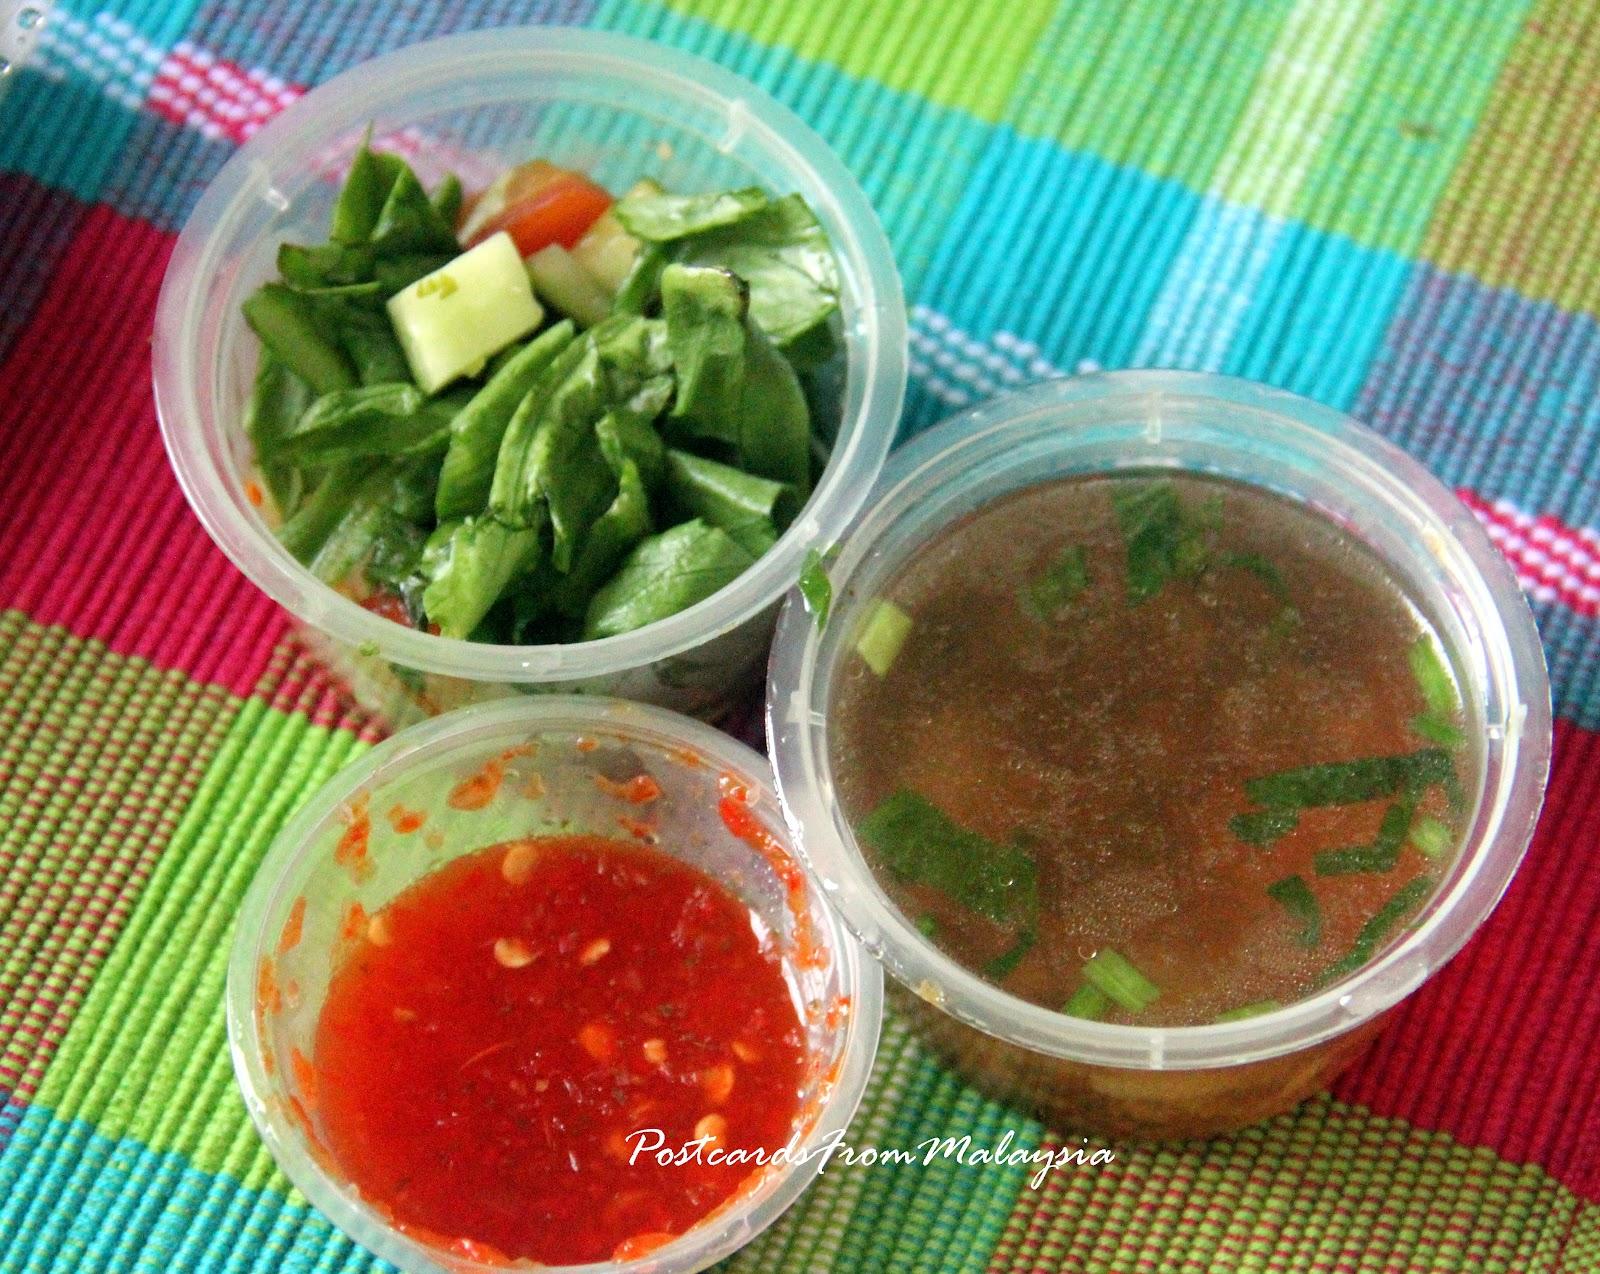 Resepi Nasi Arab Original http://ajilbab.com/resepi/resepi-nasi-mandi